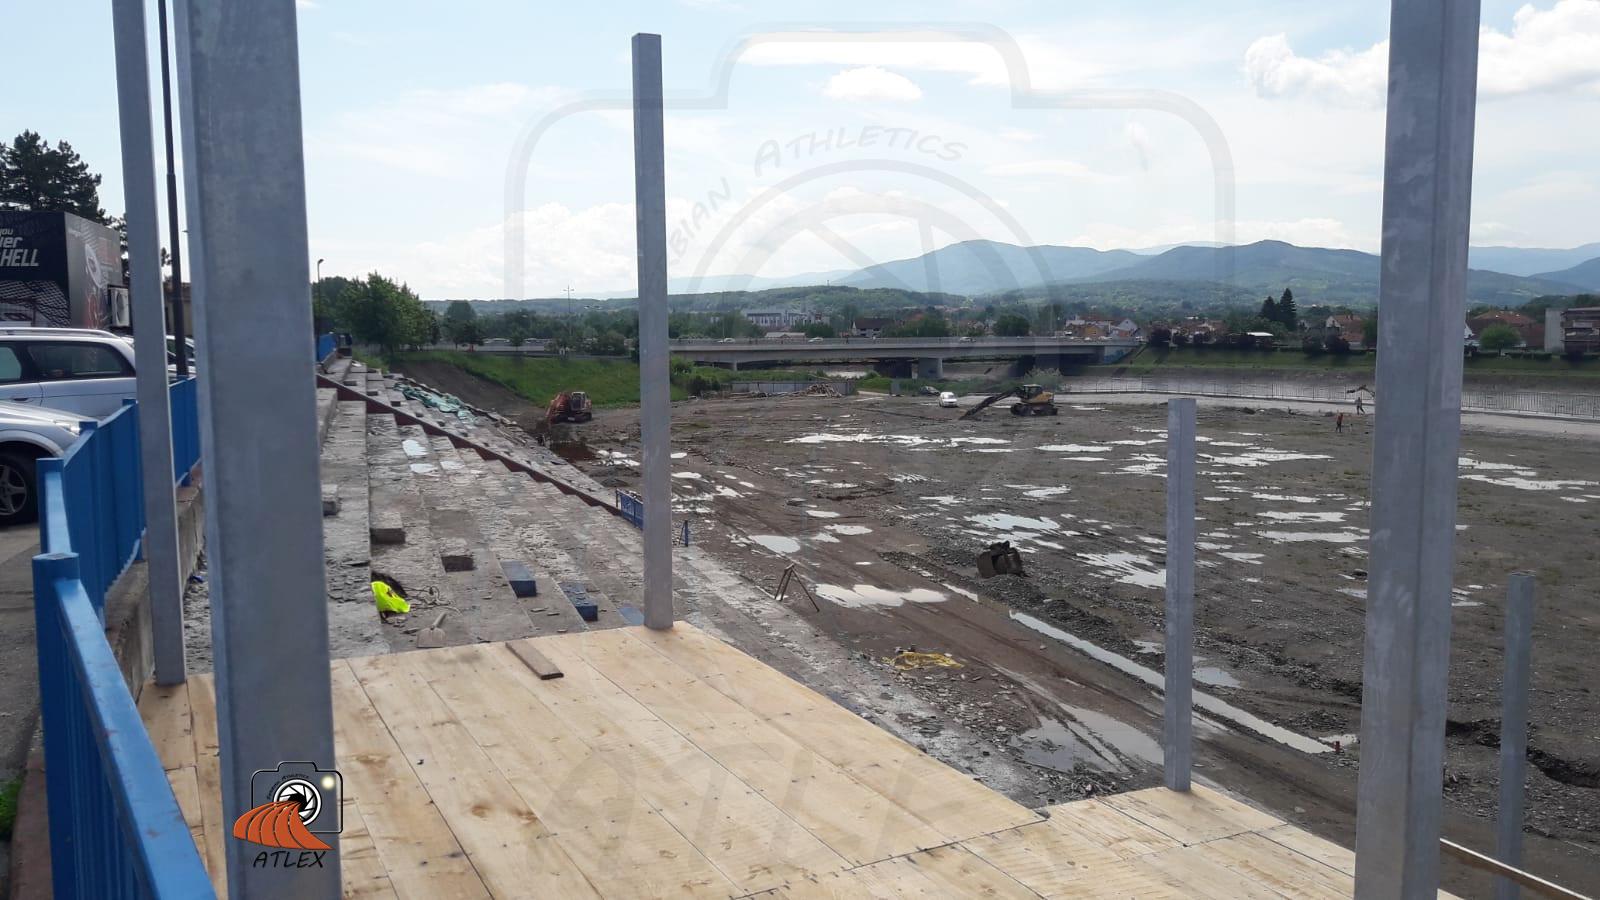 Kraljevo - atletski stadion u izgradnji 2019